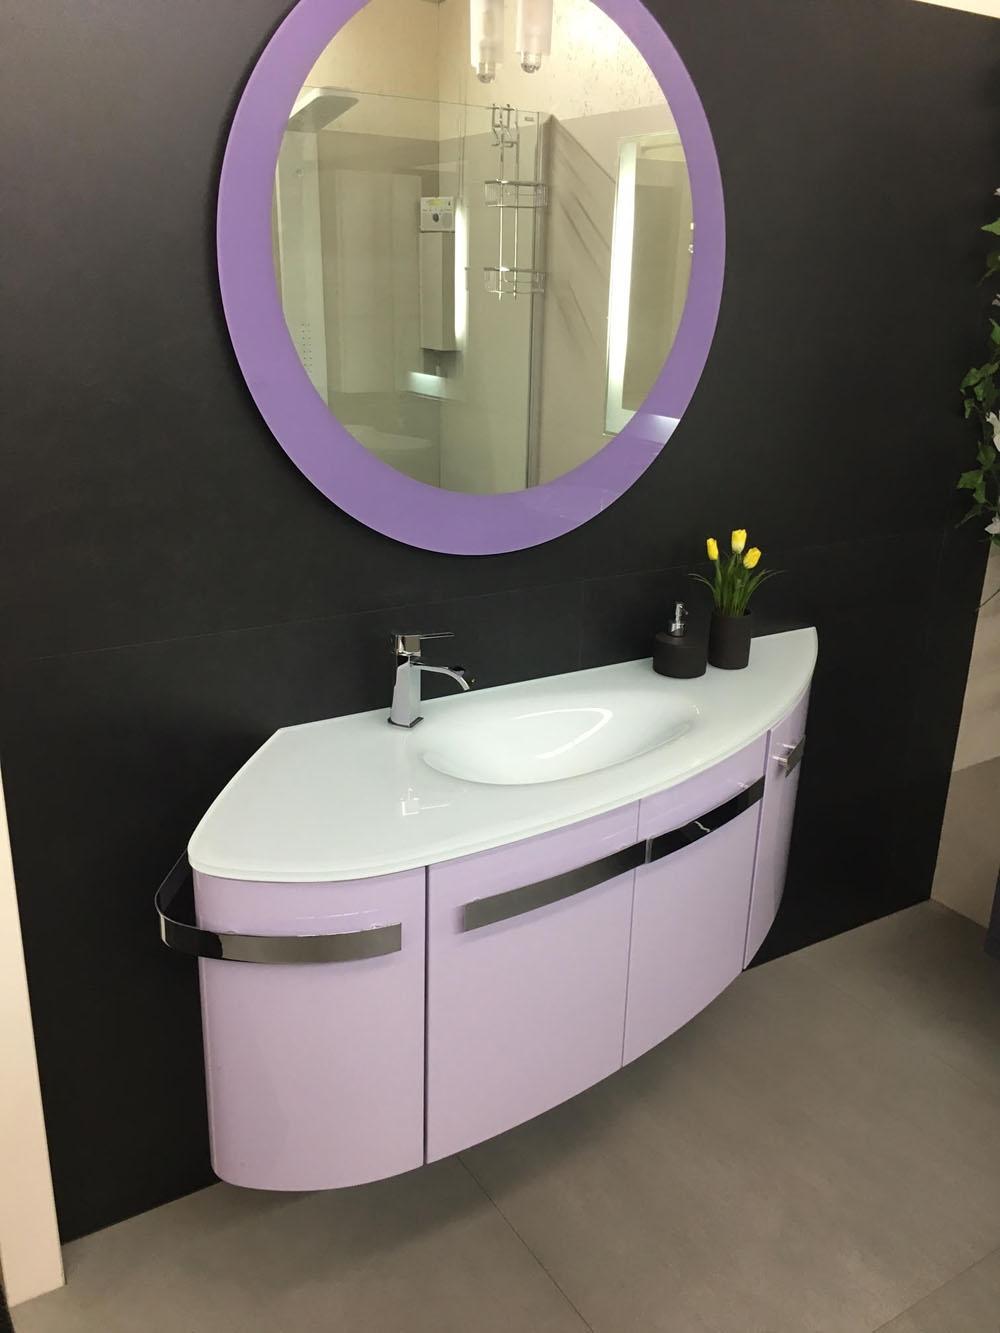 Mobile bagno design tondo arteba scontato del 51 arredo for Arredamento design scontato